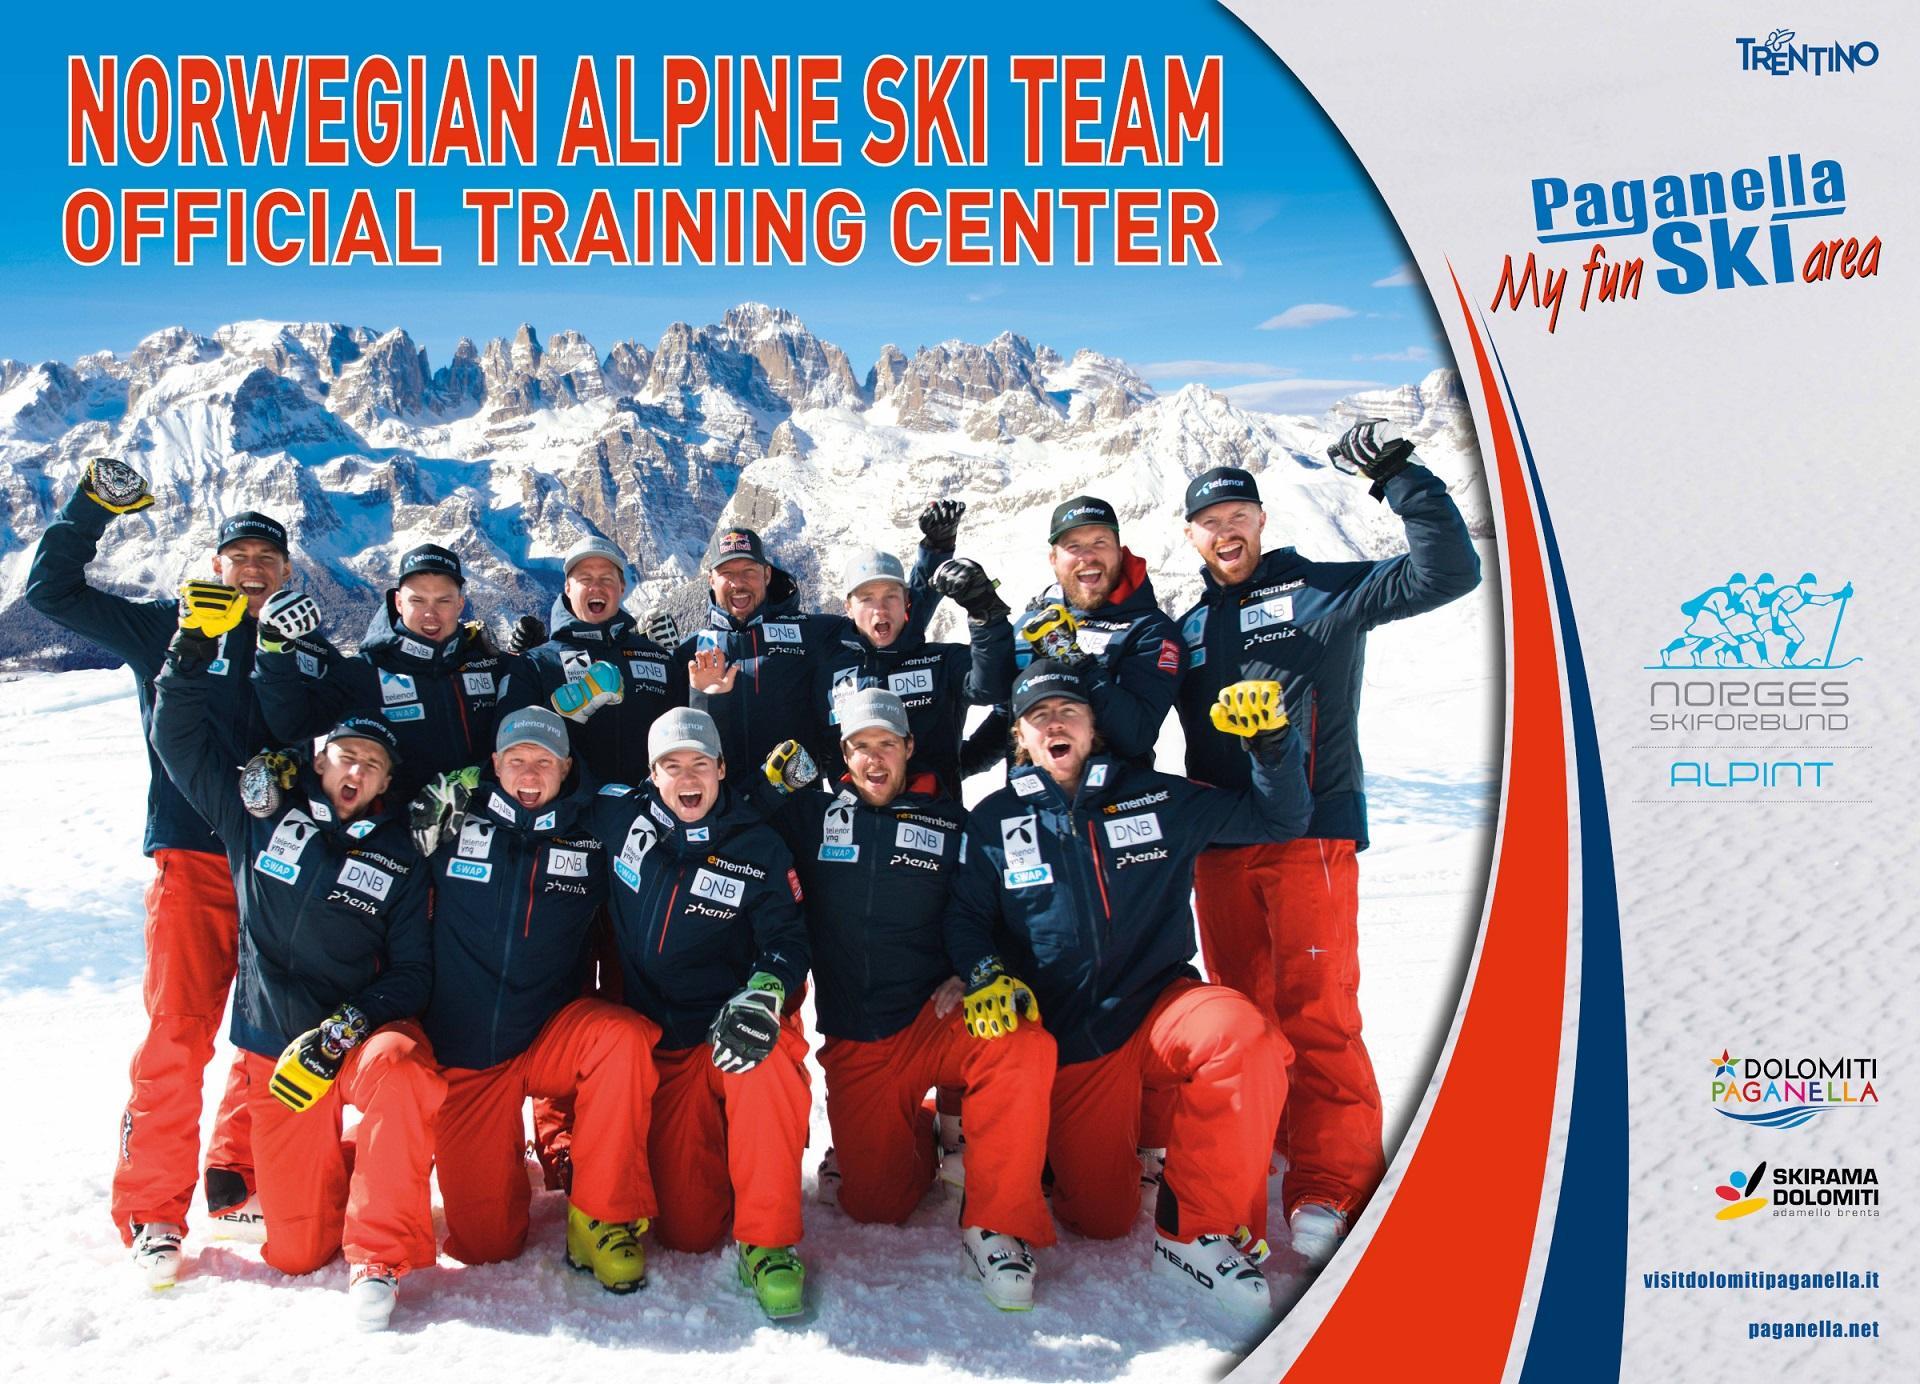 La squadra nazionale norvegese di sci in Paganella Ski